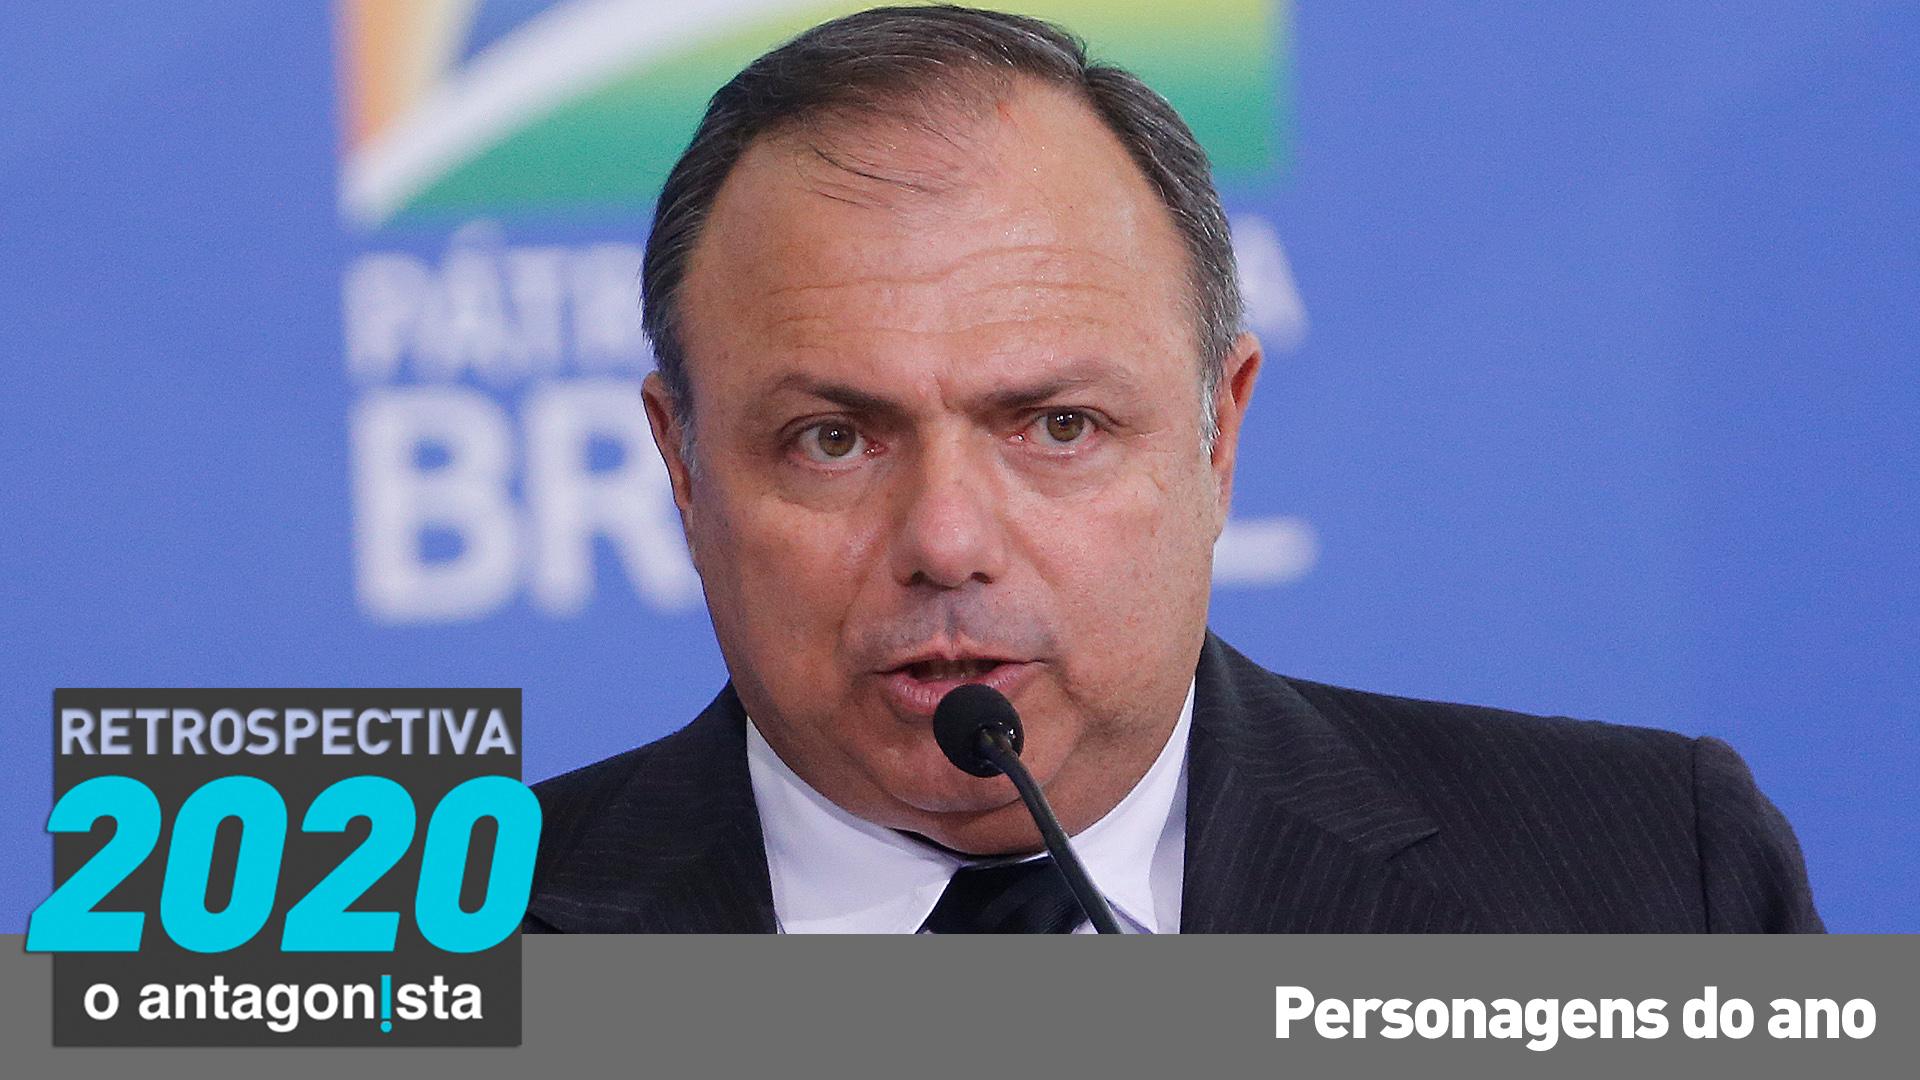 Eduardo Pazuello: o general sob as ordens do capitão